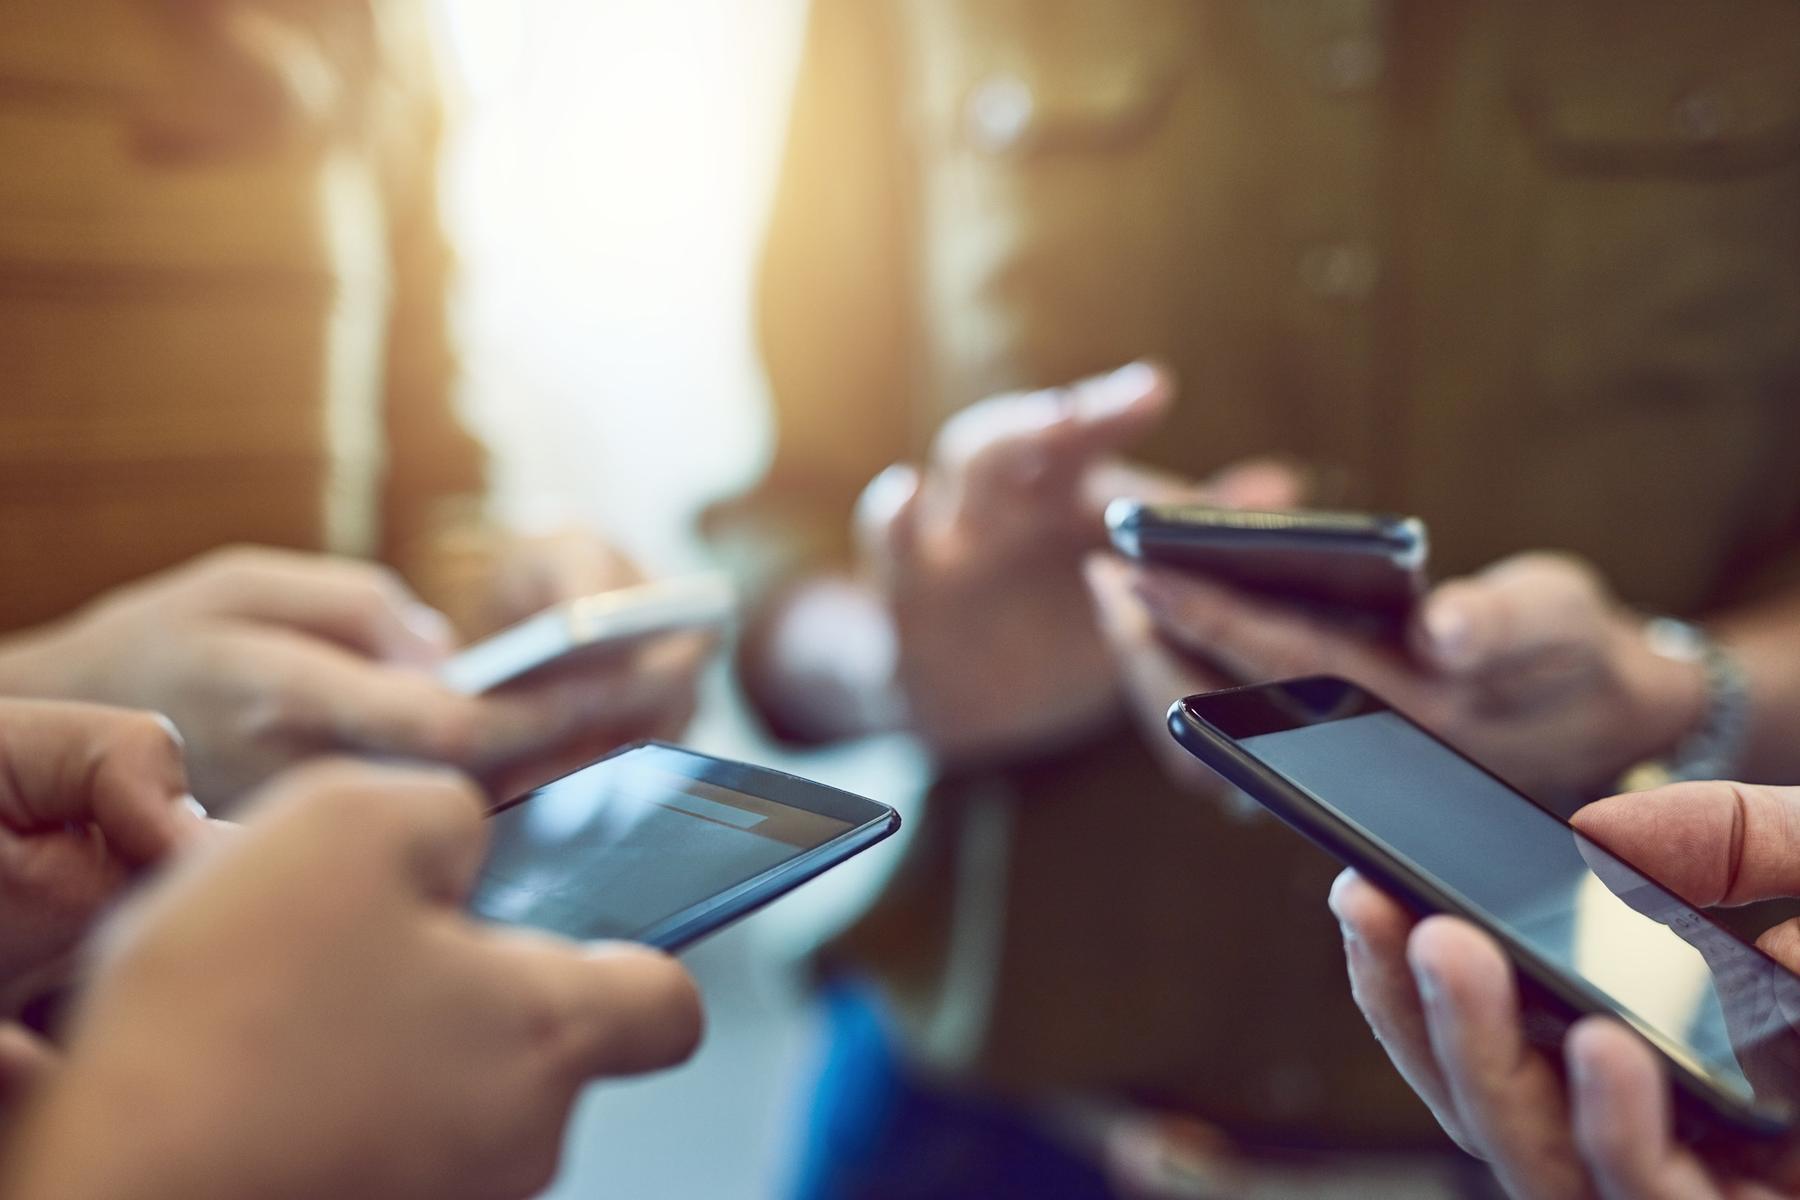 Personen stehen im Kreis und halten ihr Handy's in der Hand